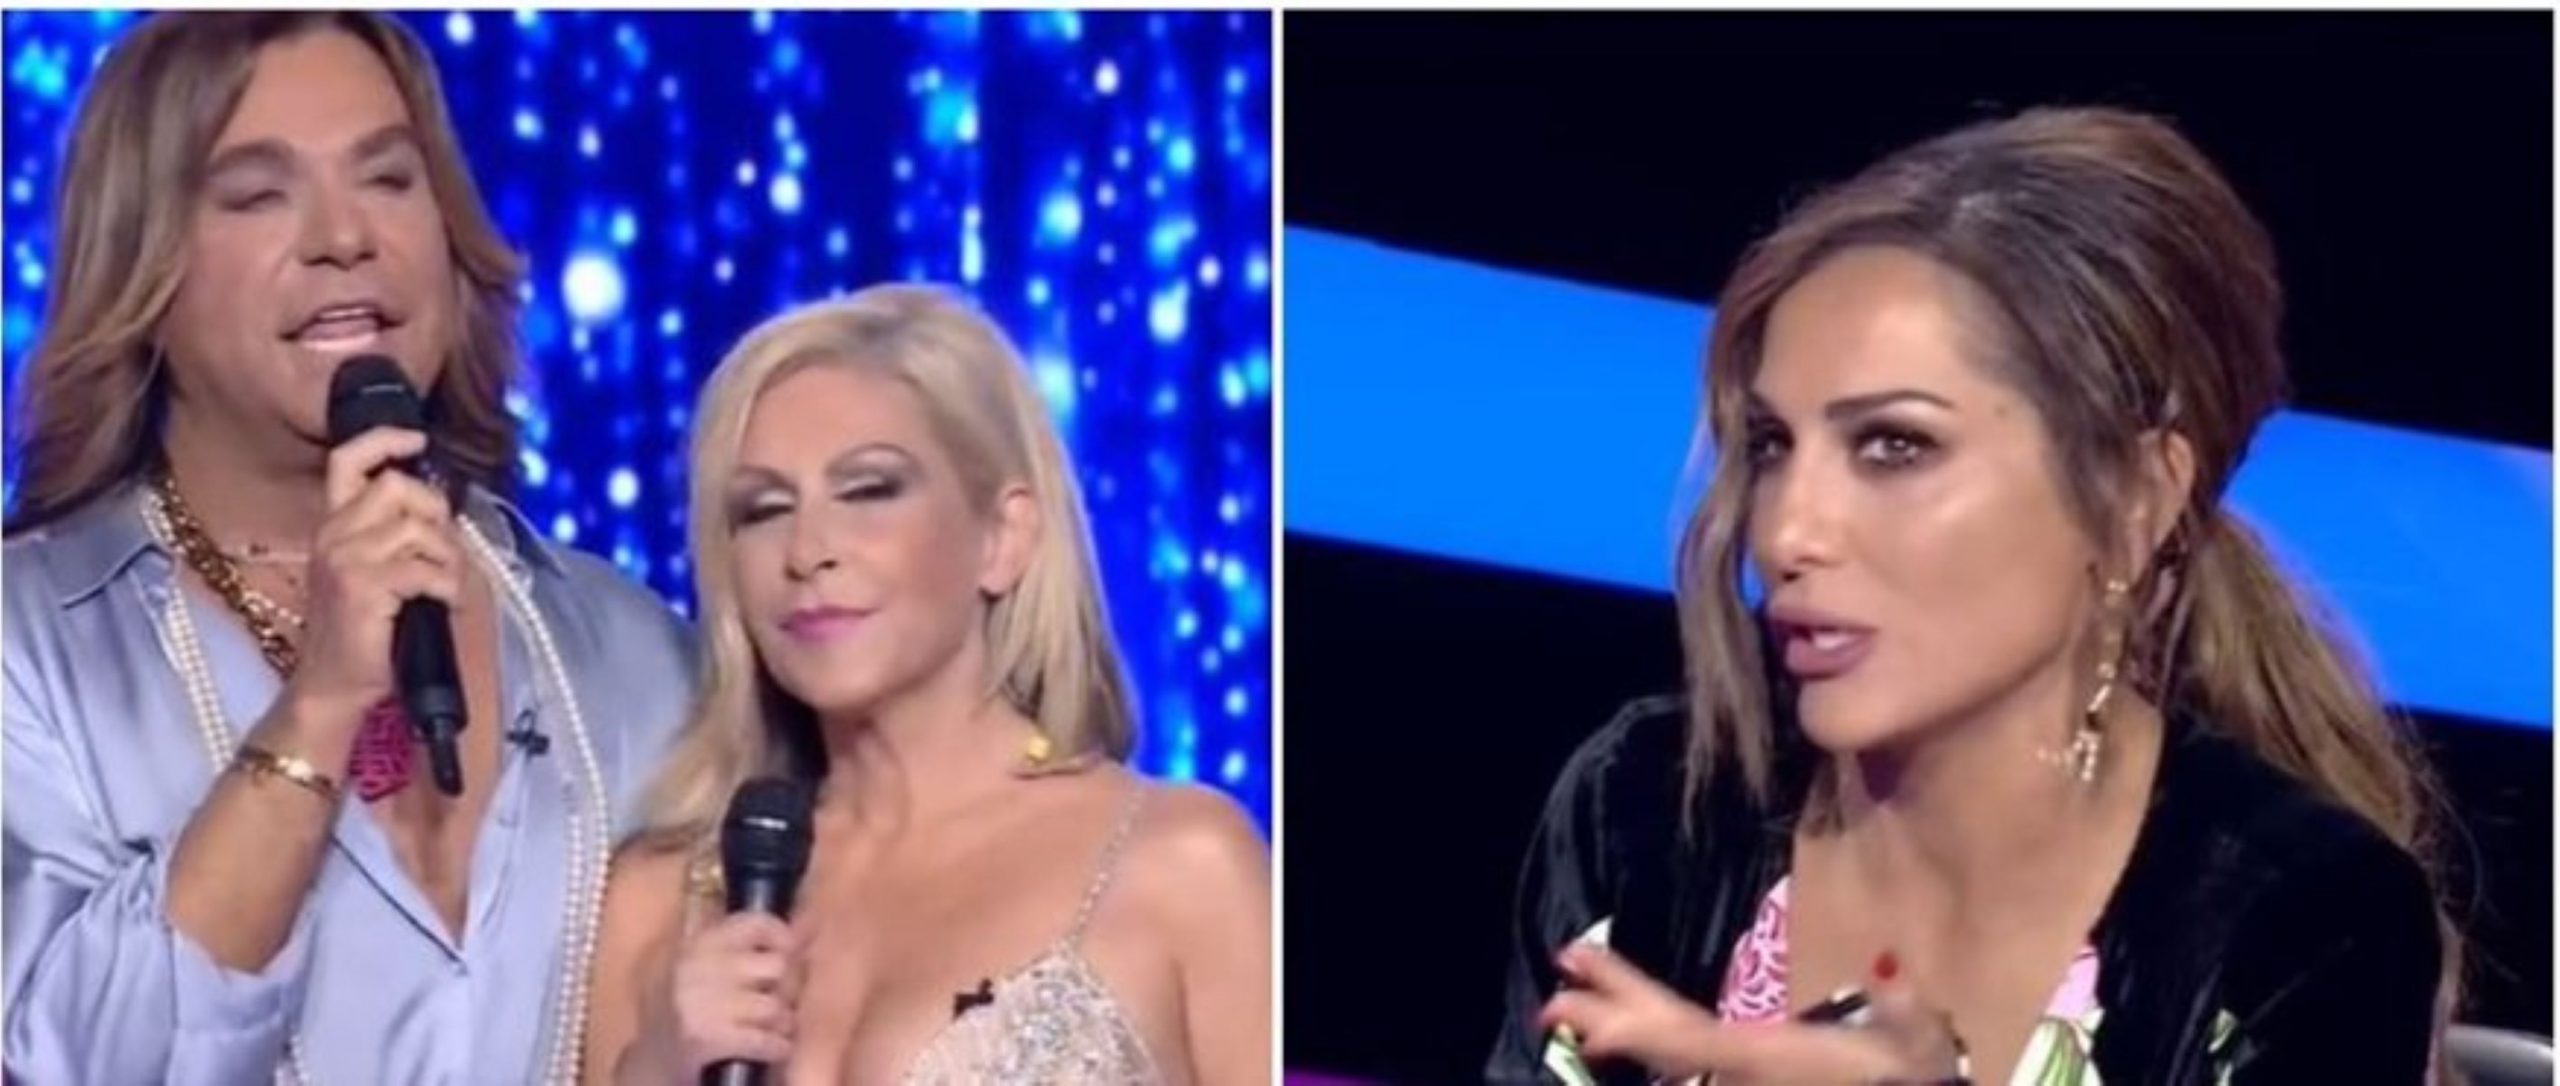 J2US : Ο Τρύφωνας Σαμαράς και η Έφη Σαρρή τραγούδησαν«Έχω Μια Αρραβωνάρα»